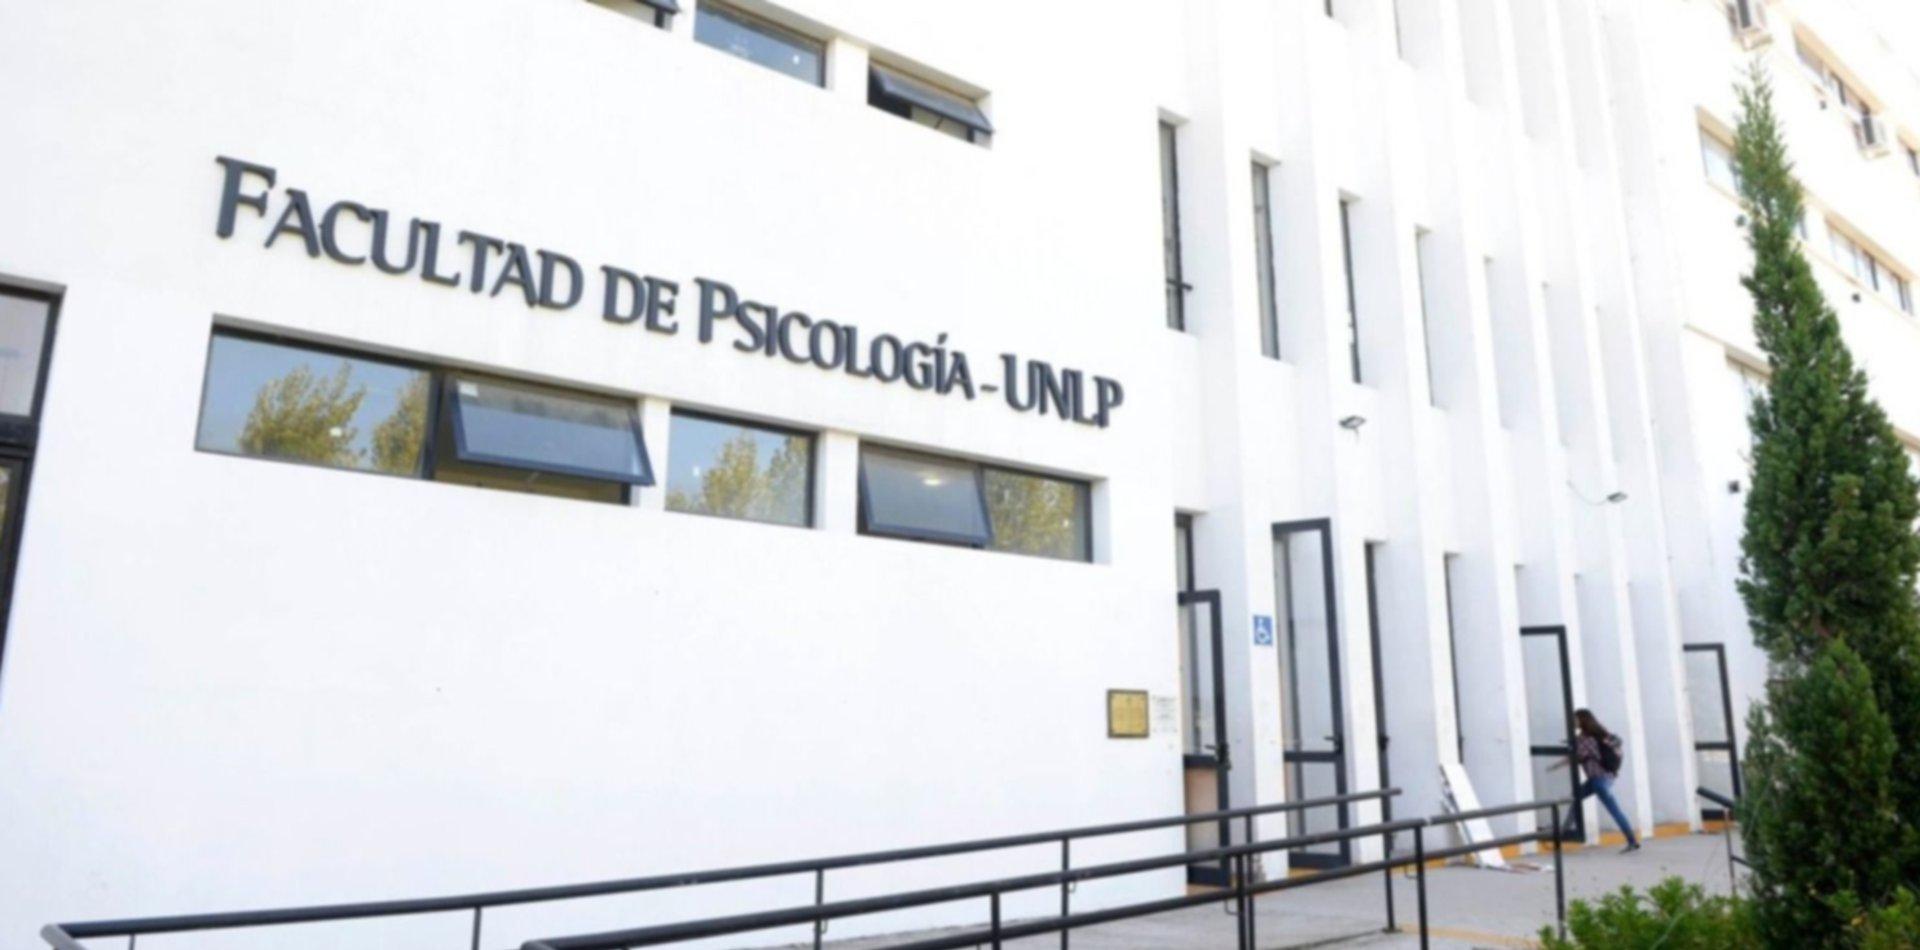 Dolor y duelo por la muerte de una docente de Psicología que se contagió COVID-19